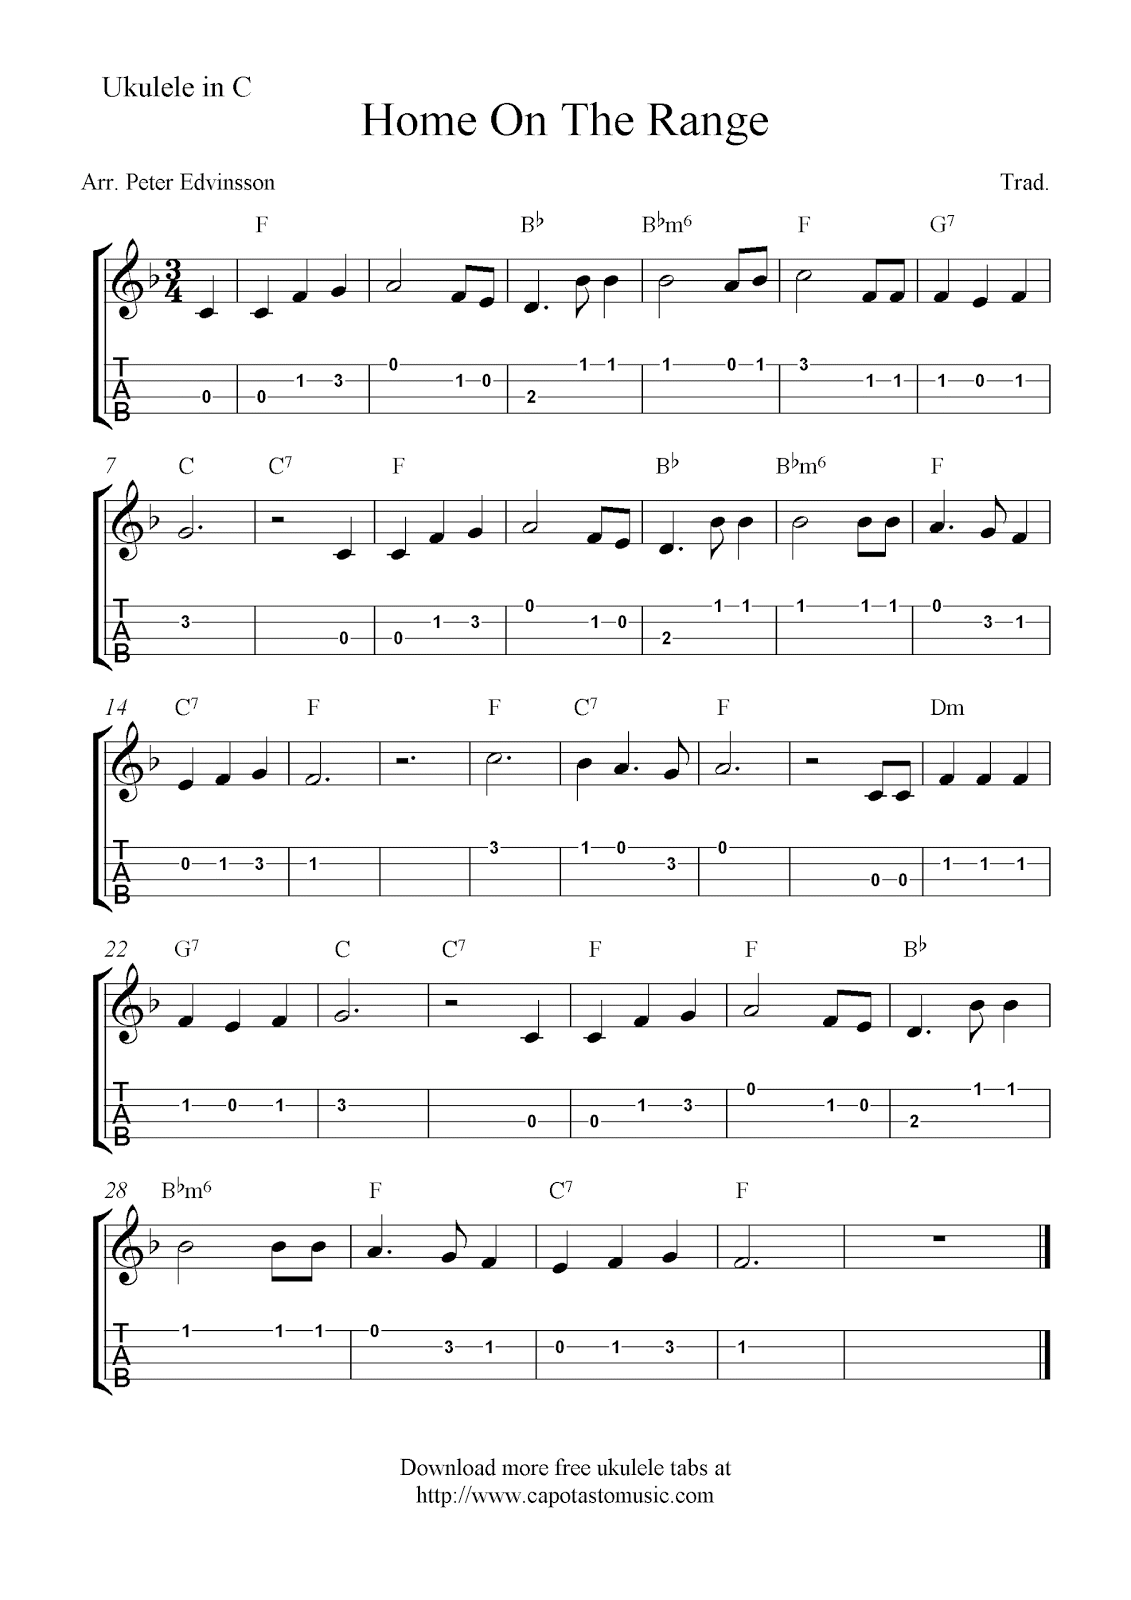 how to read ukulele fingerpicking tabs